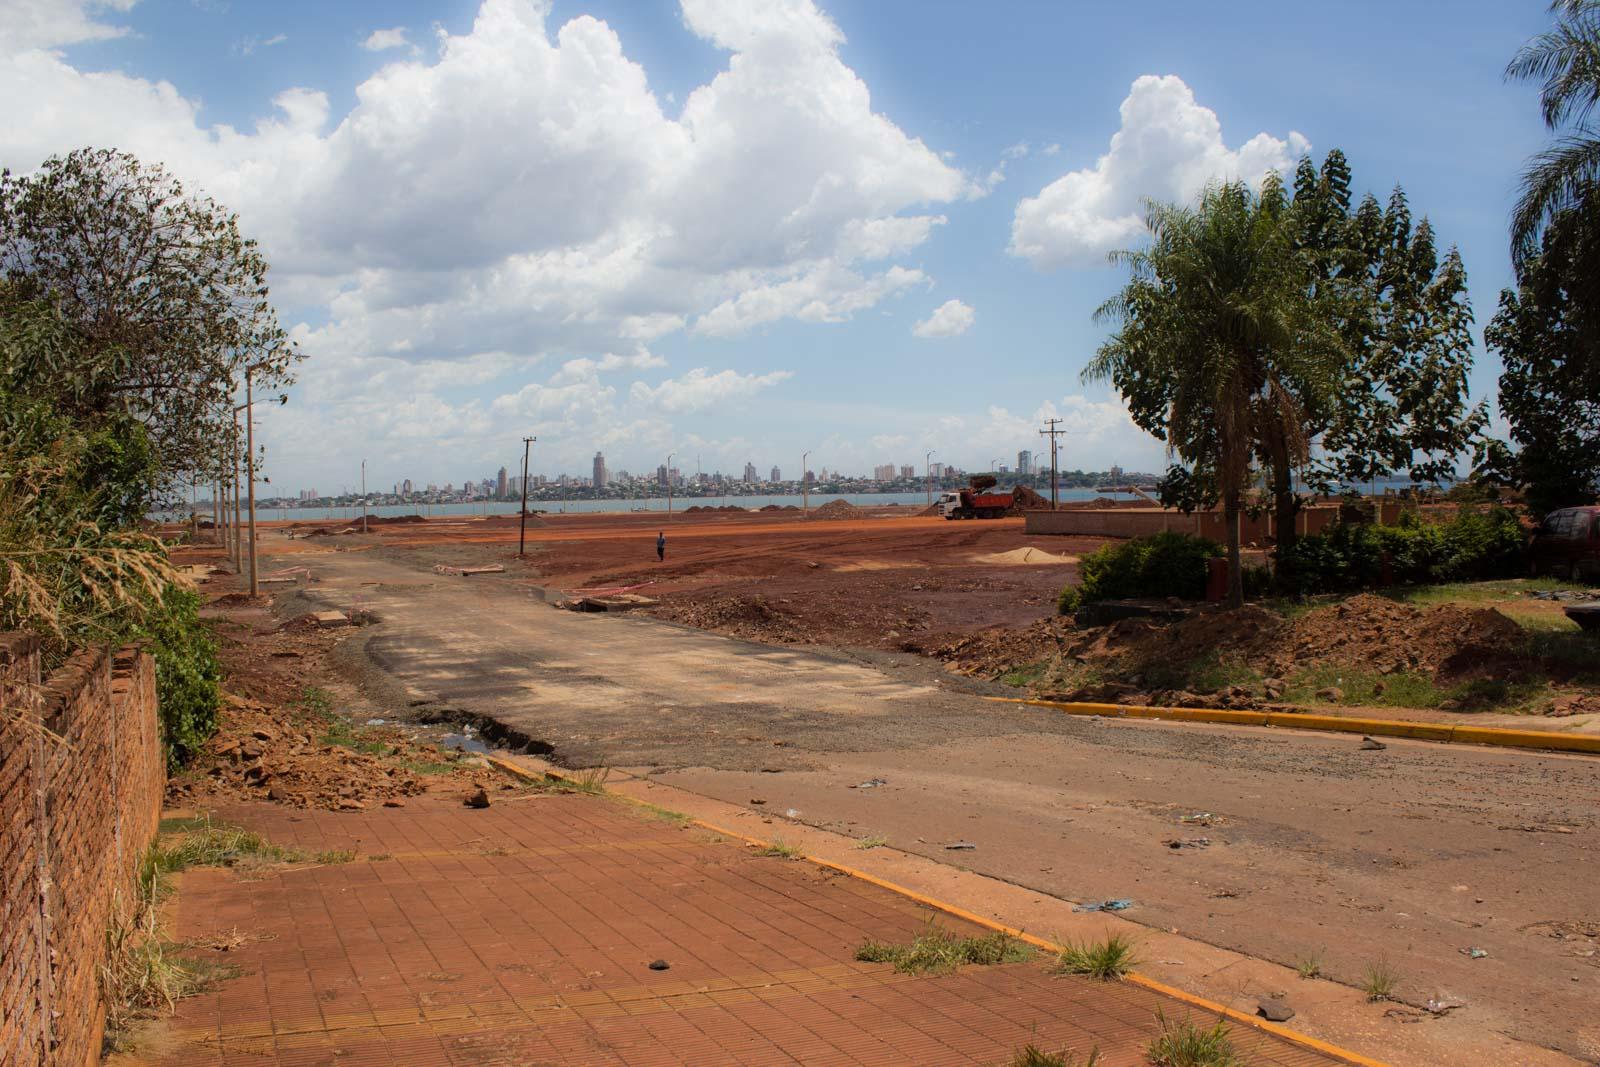 Encarnacion Paraguay